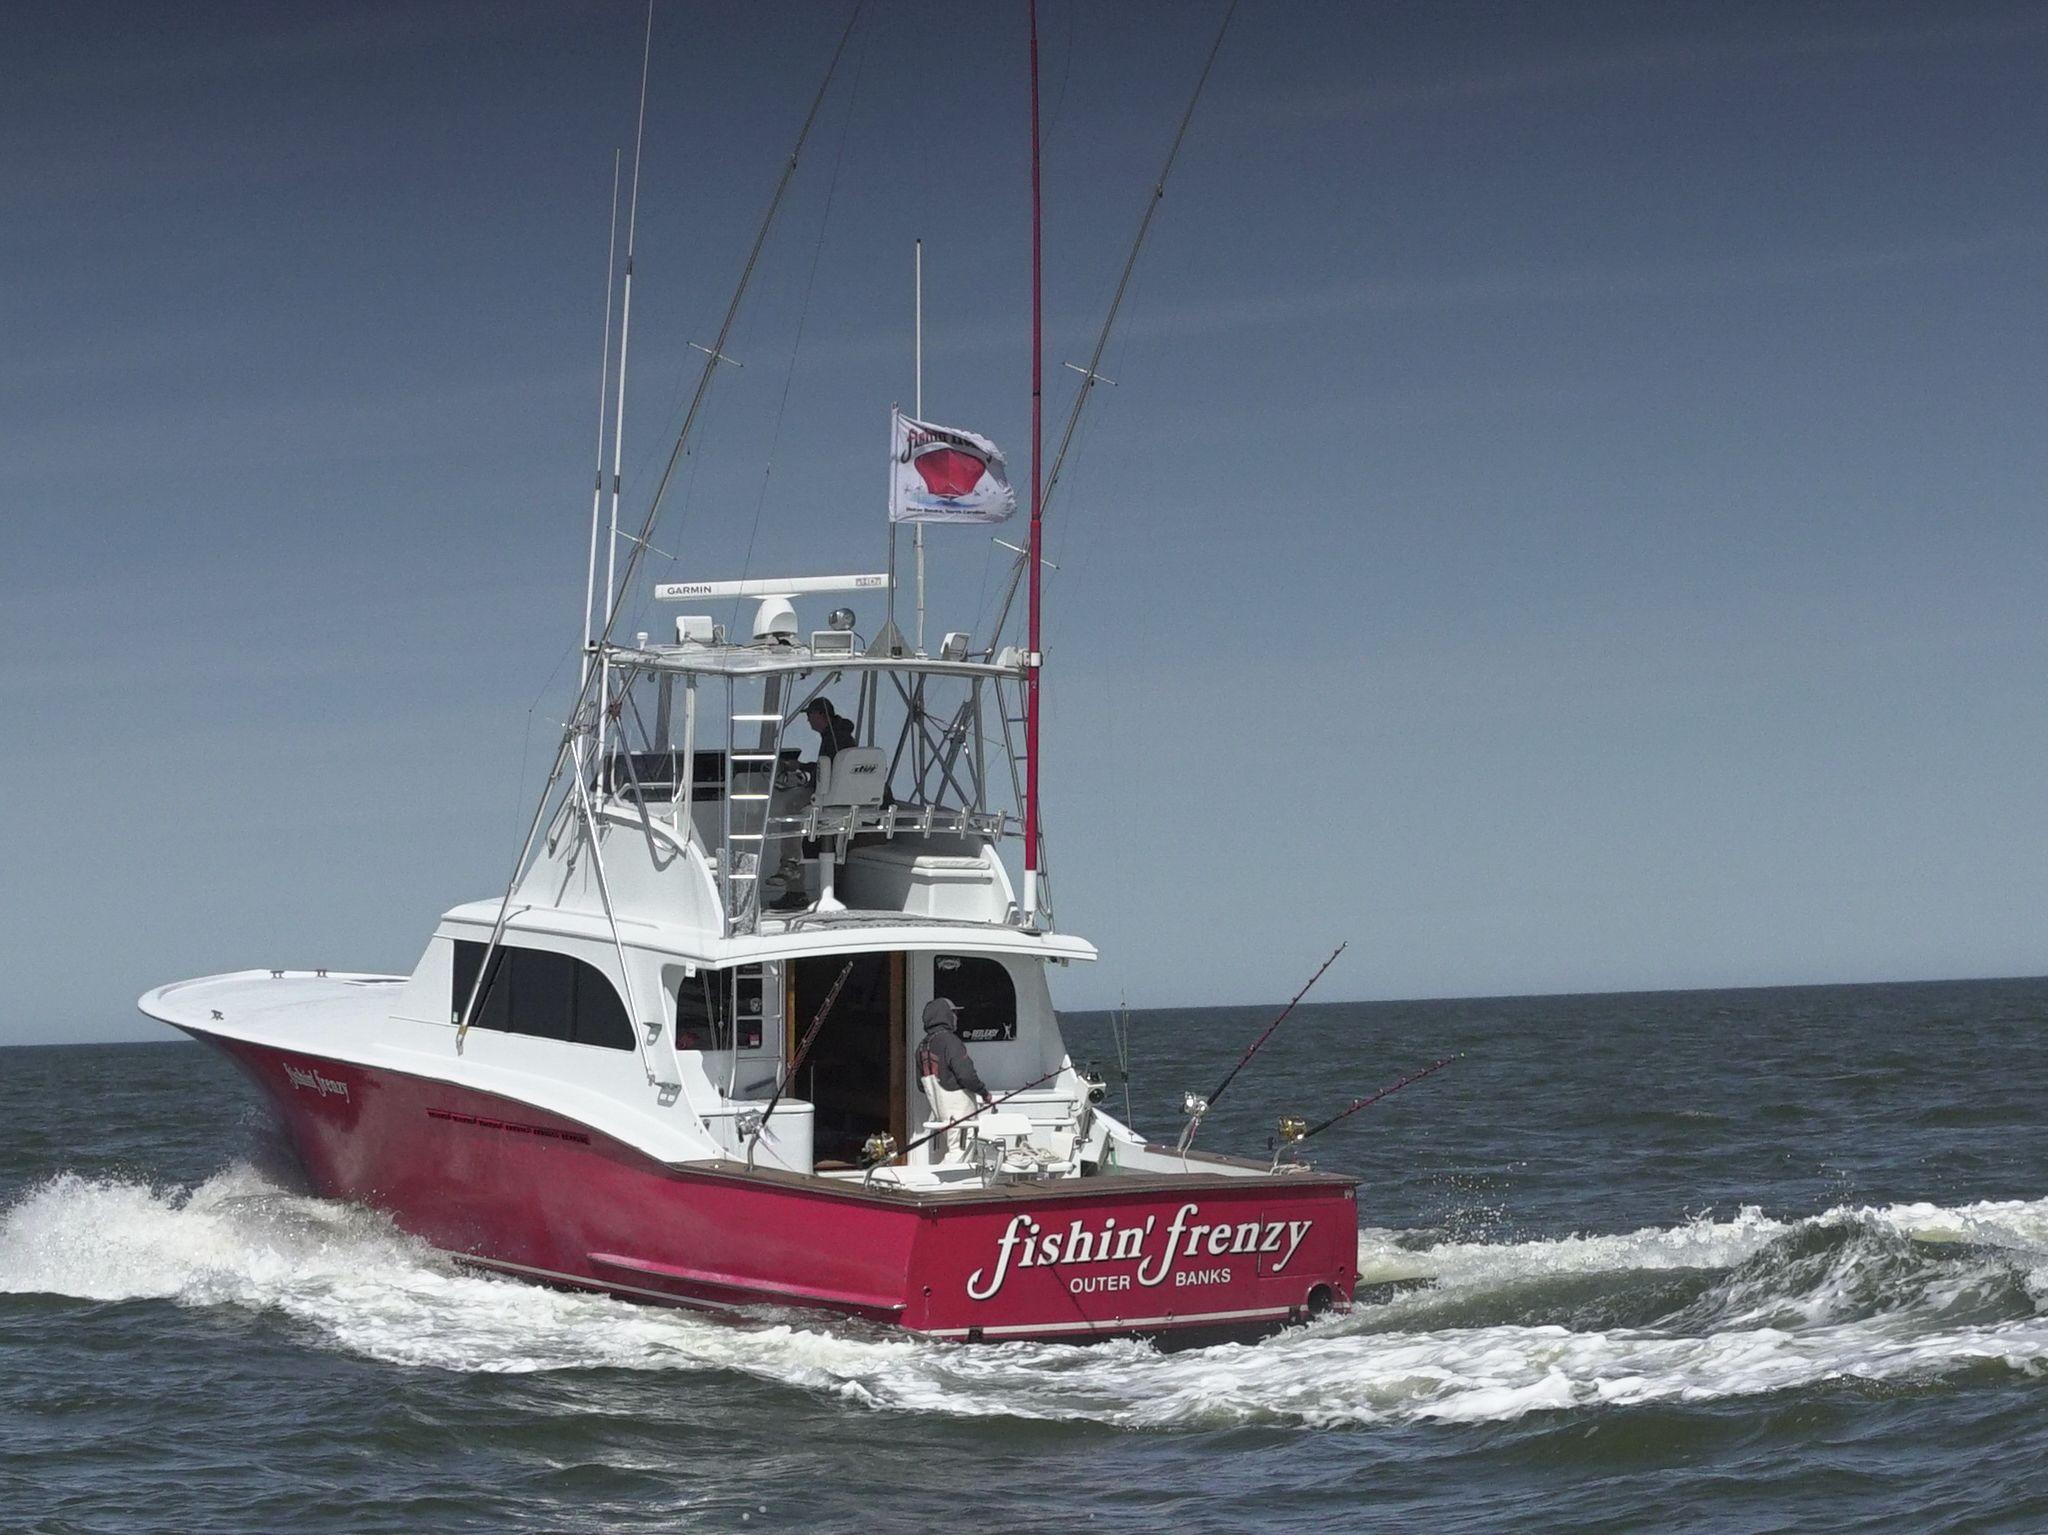 قارب Fishin' Frenzy. هذه الصورة من برنامج سمكة التونة... [Photo of the day - نوفمبر 2020]